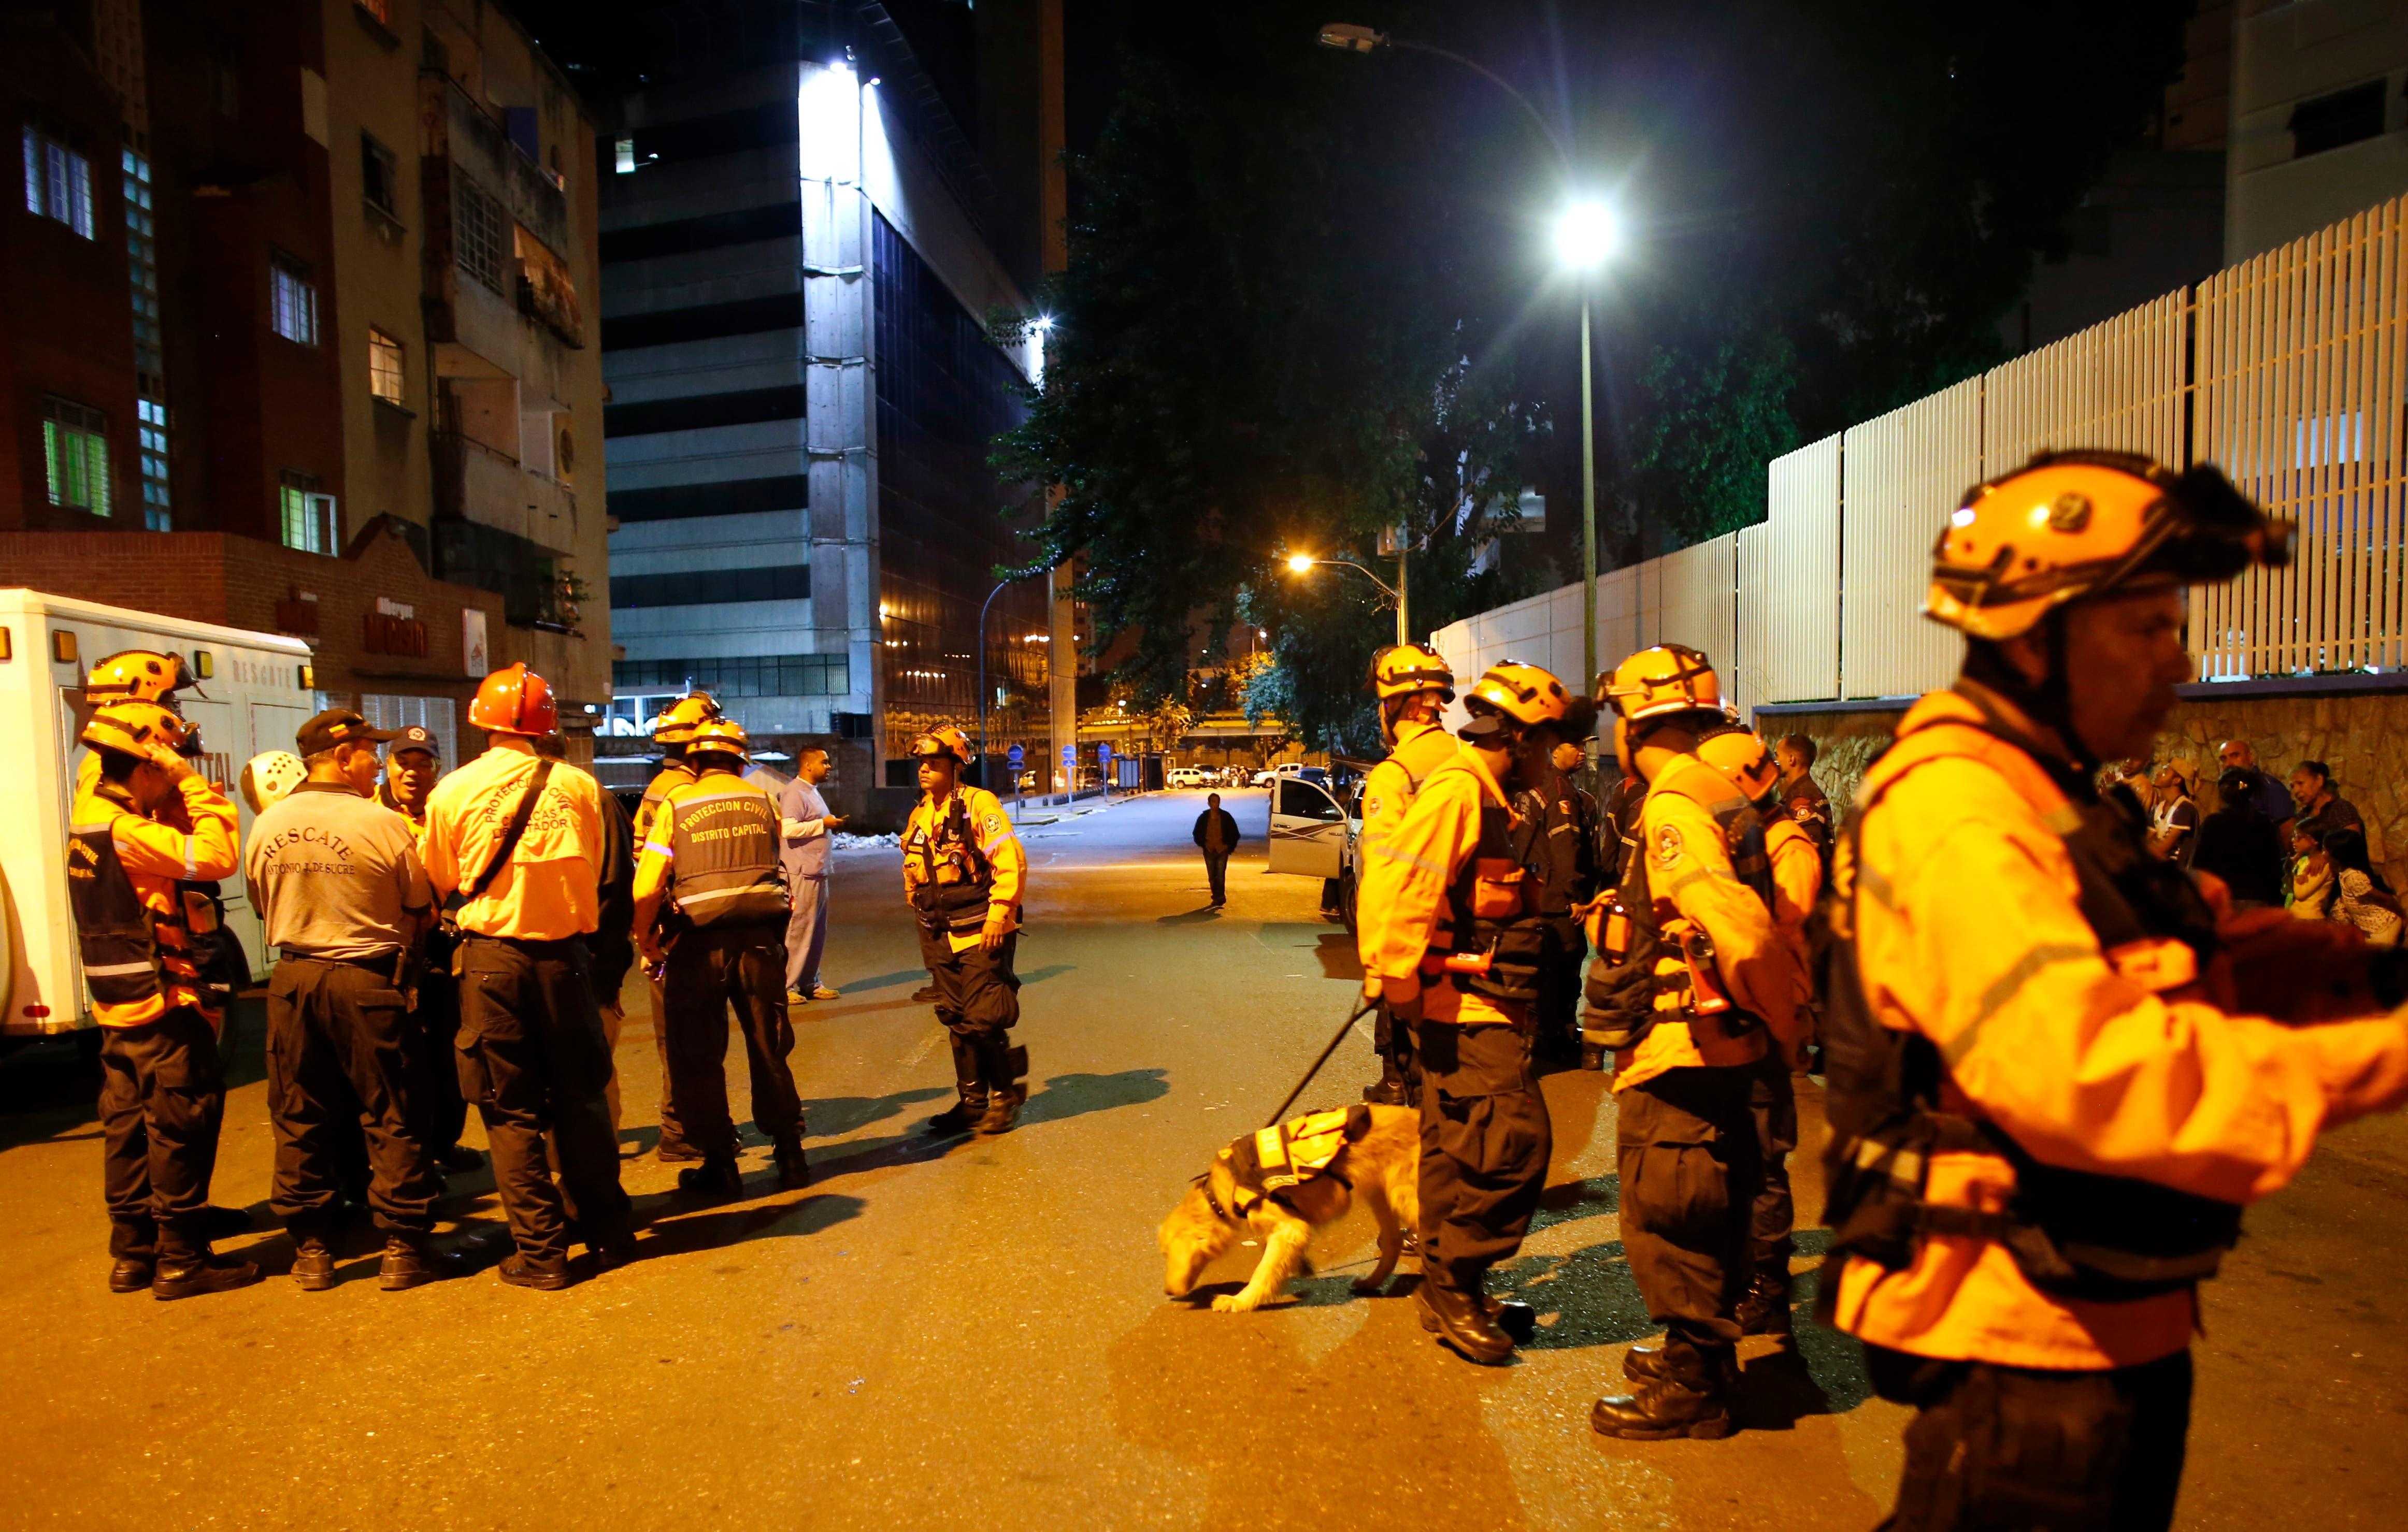 """Los trabajadores de Protección Civil patrullan cerca del rascacielos """"Torre de David"""", que sufrió una inclinación después de que un poderoso terremoto sacudiera el este de Venezuela, causando la evacuación de edificios en la capital de Caracas, Venezuela, el martes 21 de agosto de 2018. AP"""